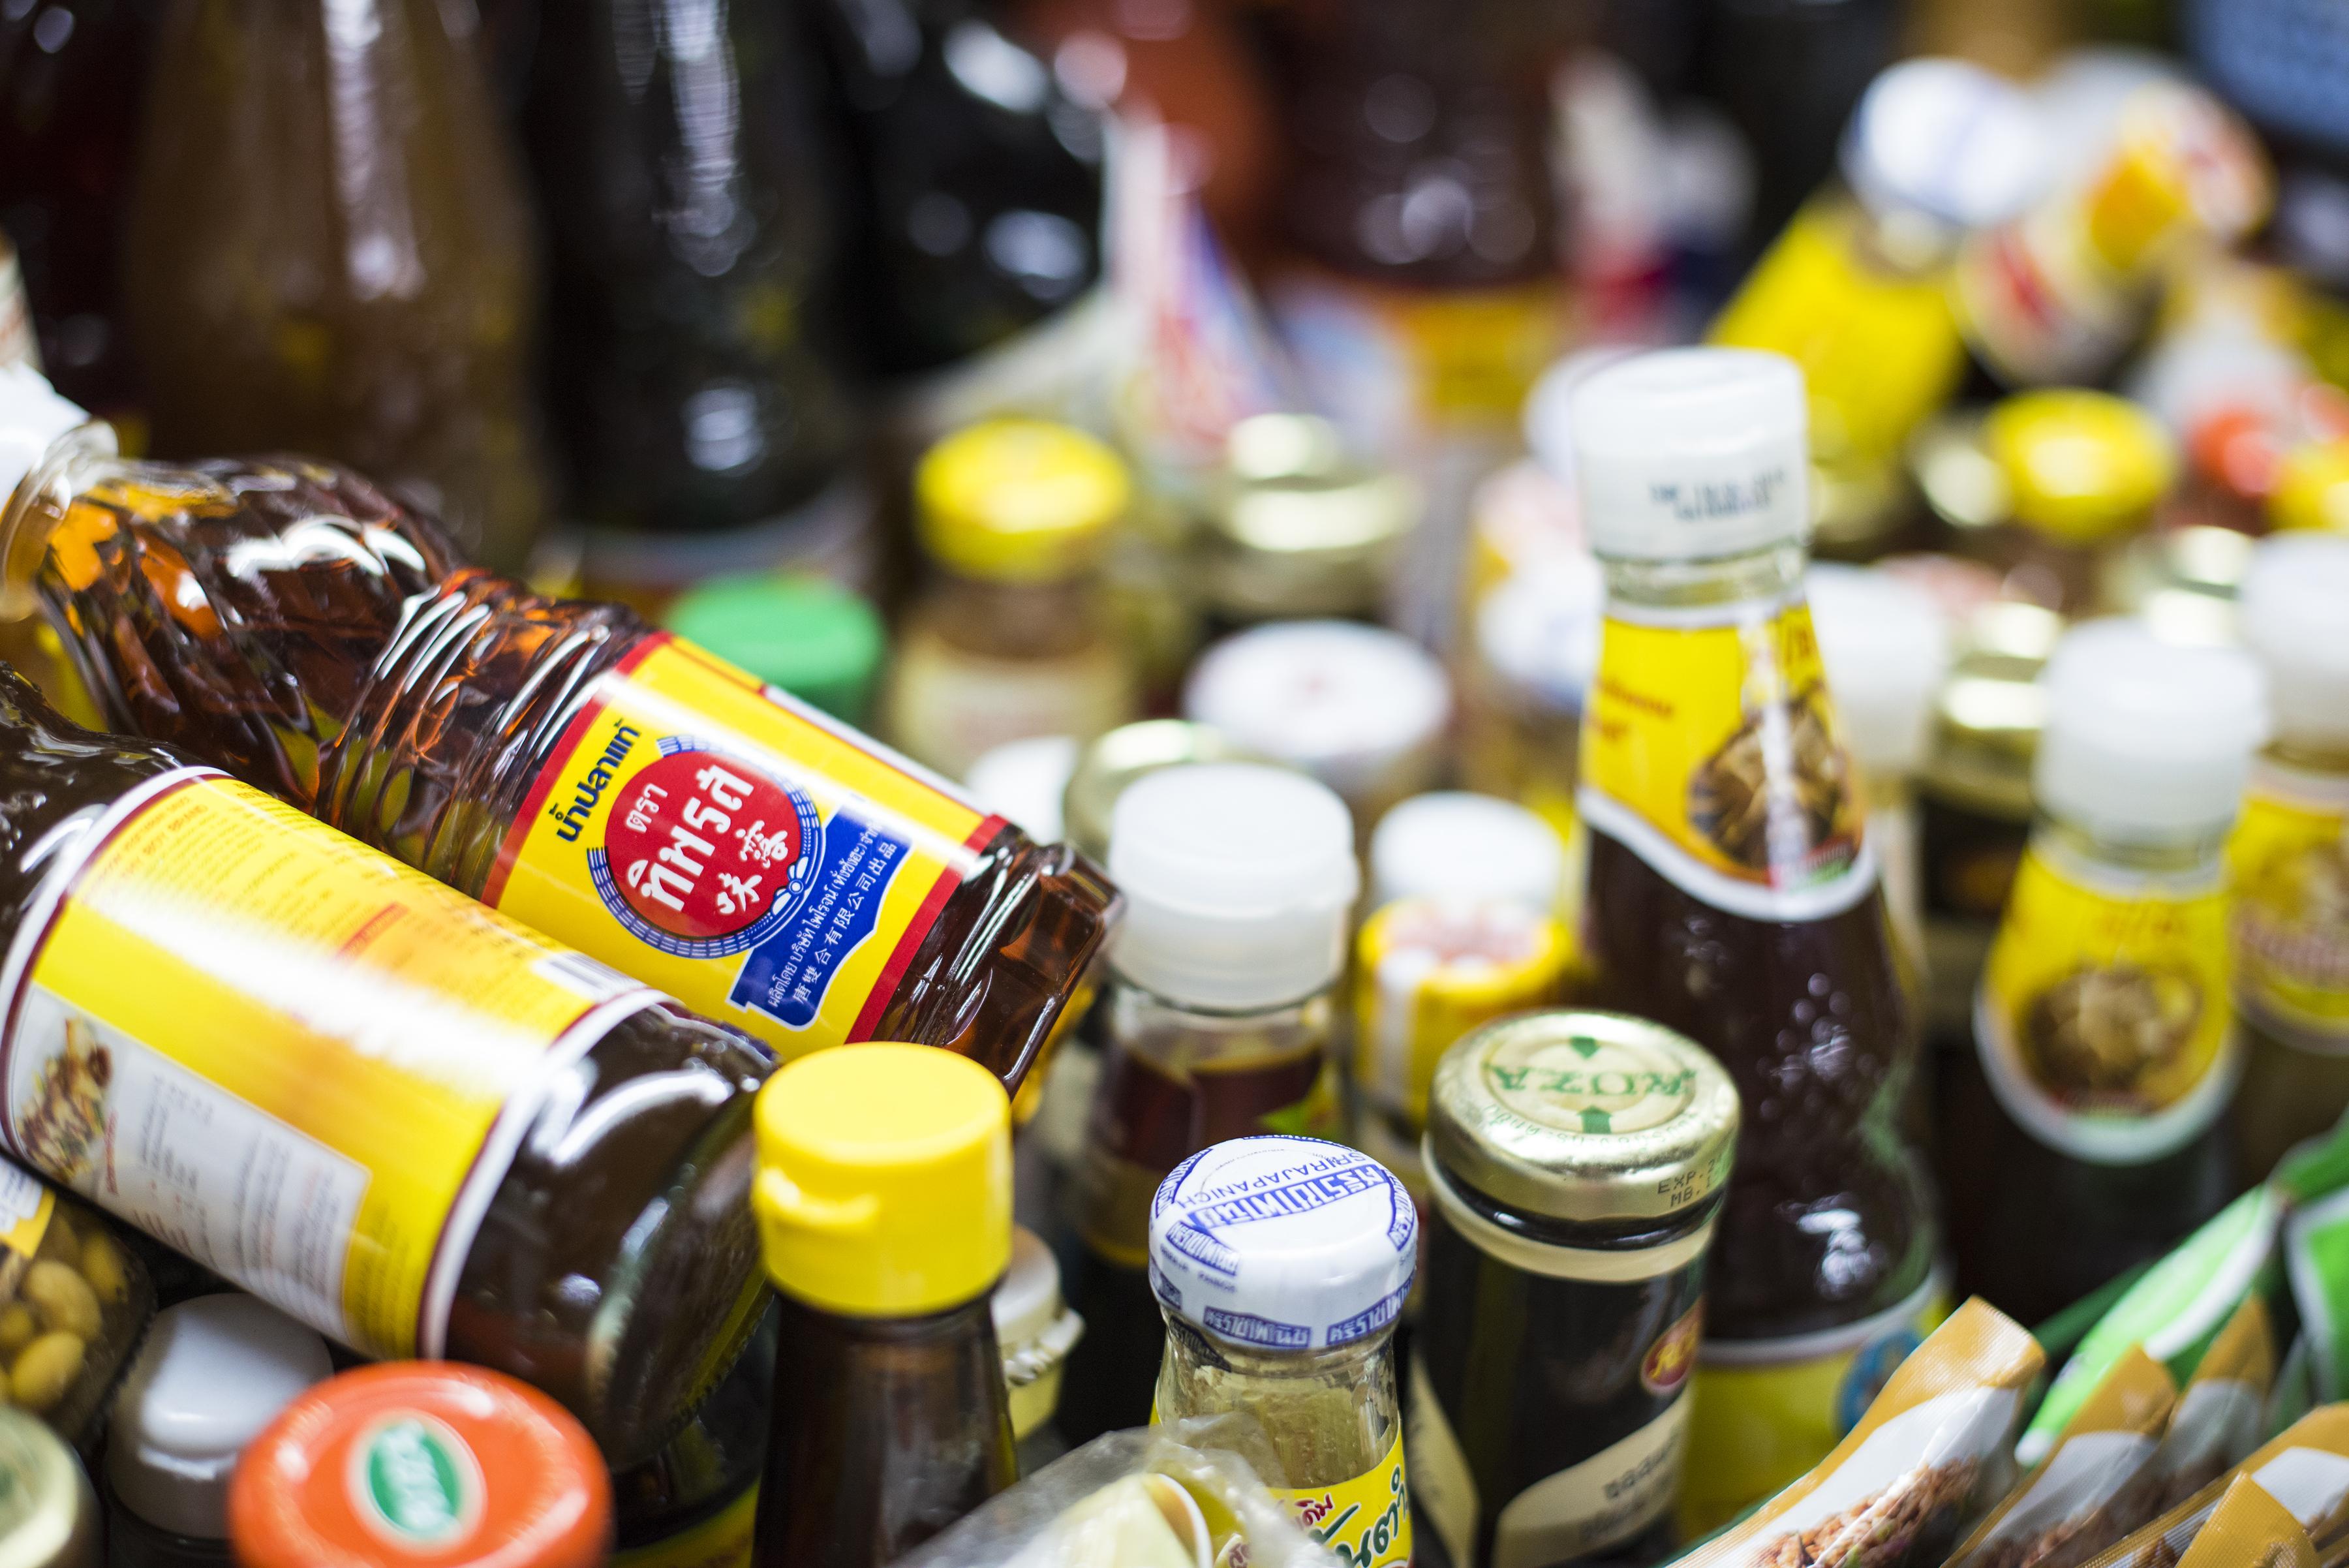 Thai ingredients market